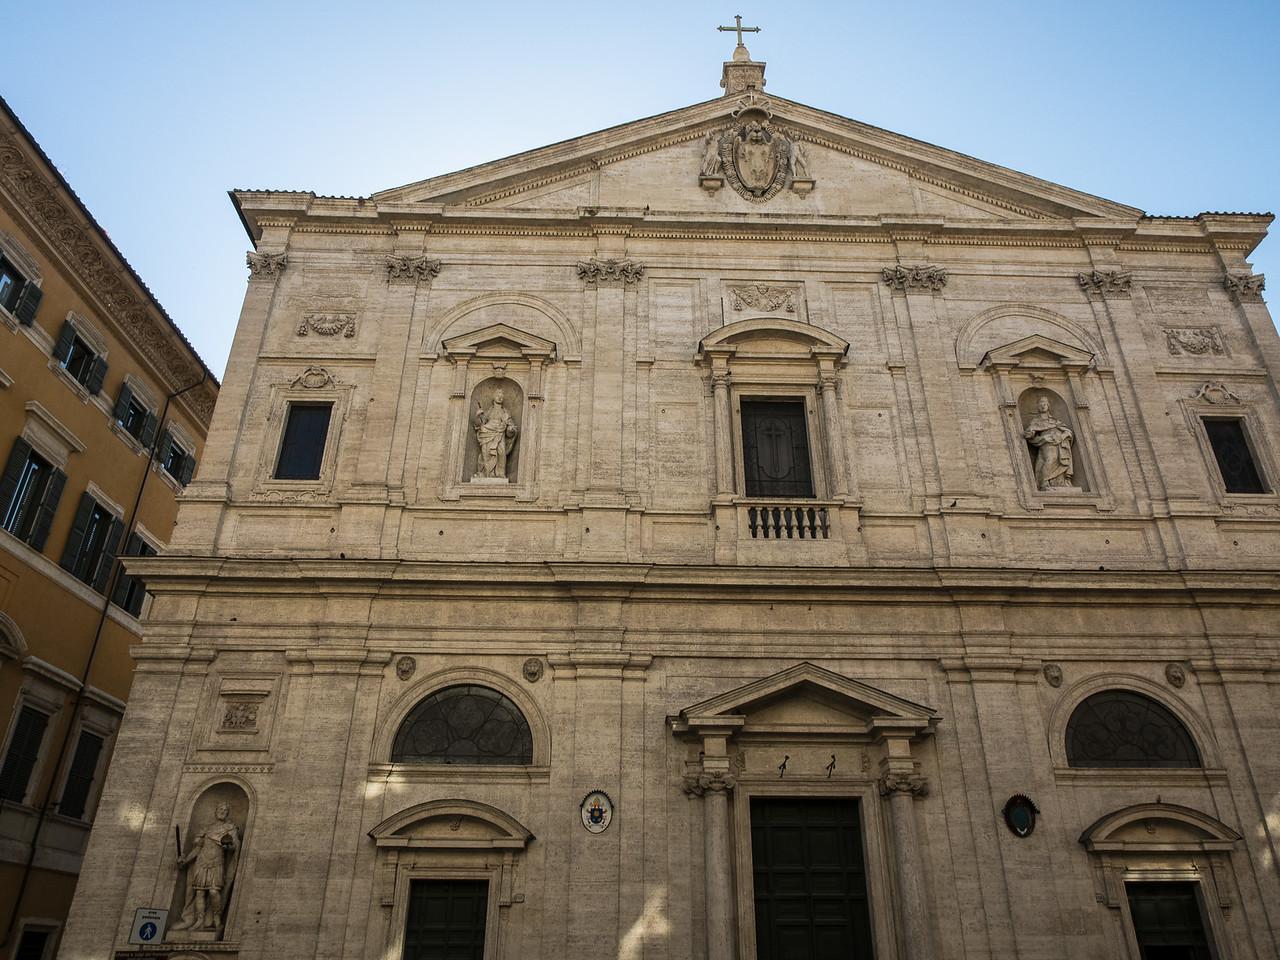 San Luigi dei Francese  1589 Dedicated to St. Louis (Louis IX King of france)  Travertine stone facade